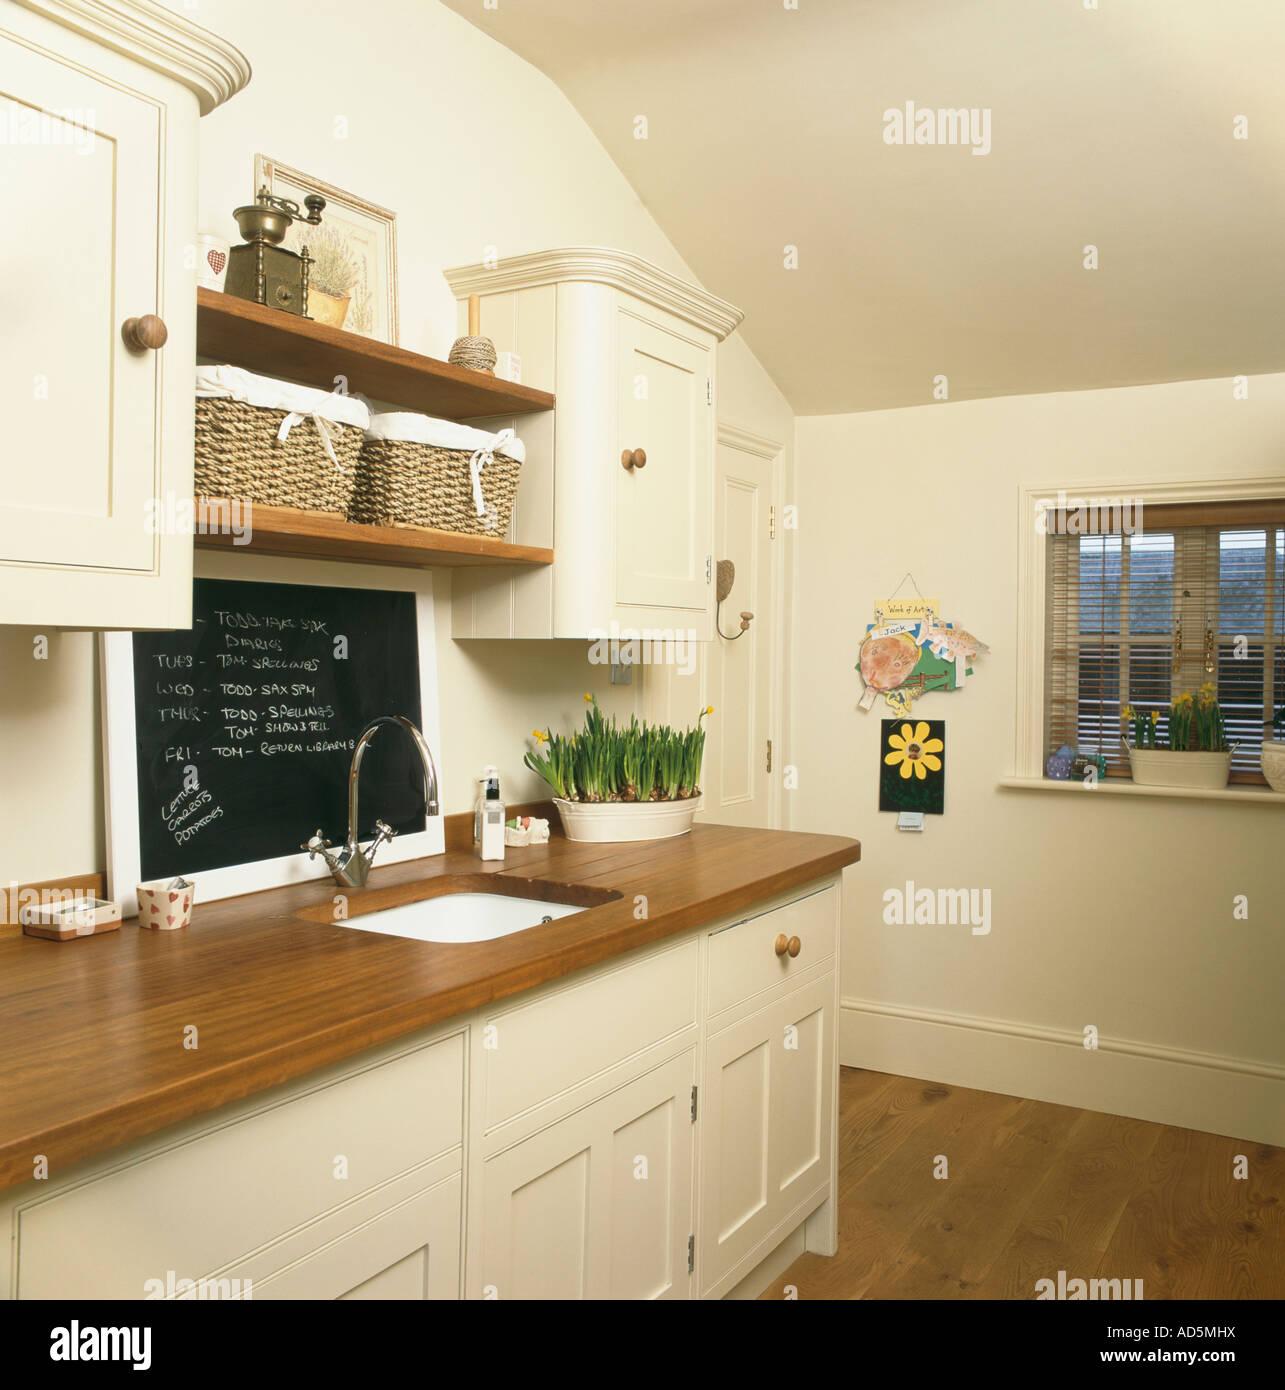 Tafel Küche | Tafel Uber Dem Waschbecken Im Holz Arbeitsplatte In Creme Kuche